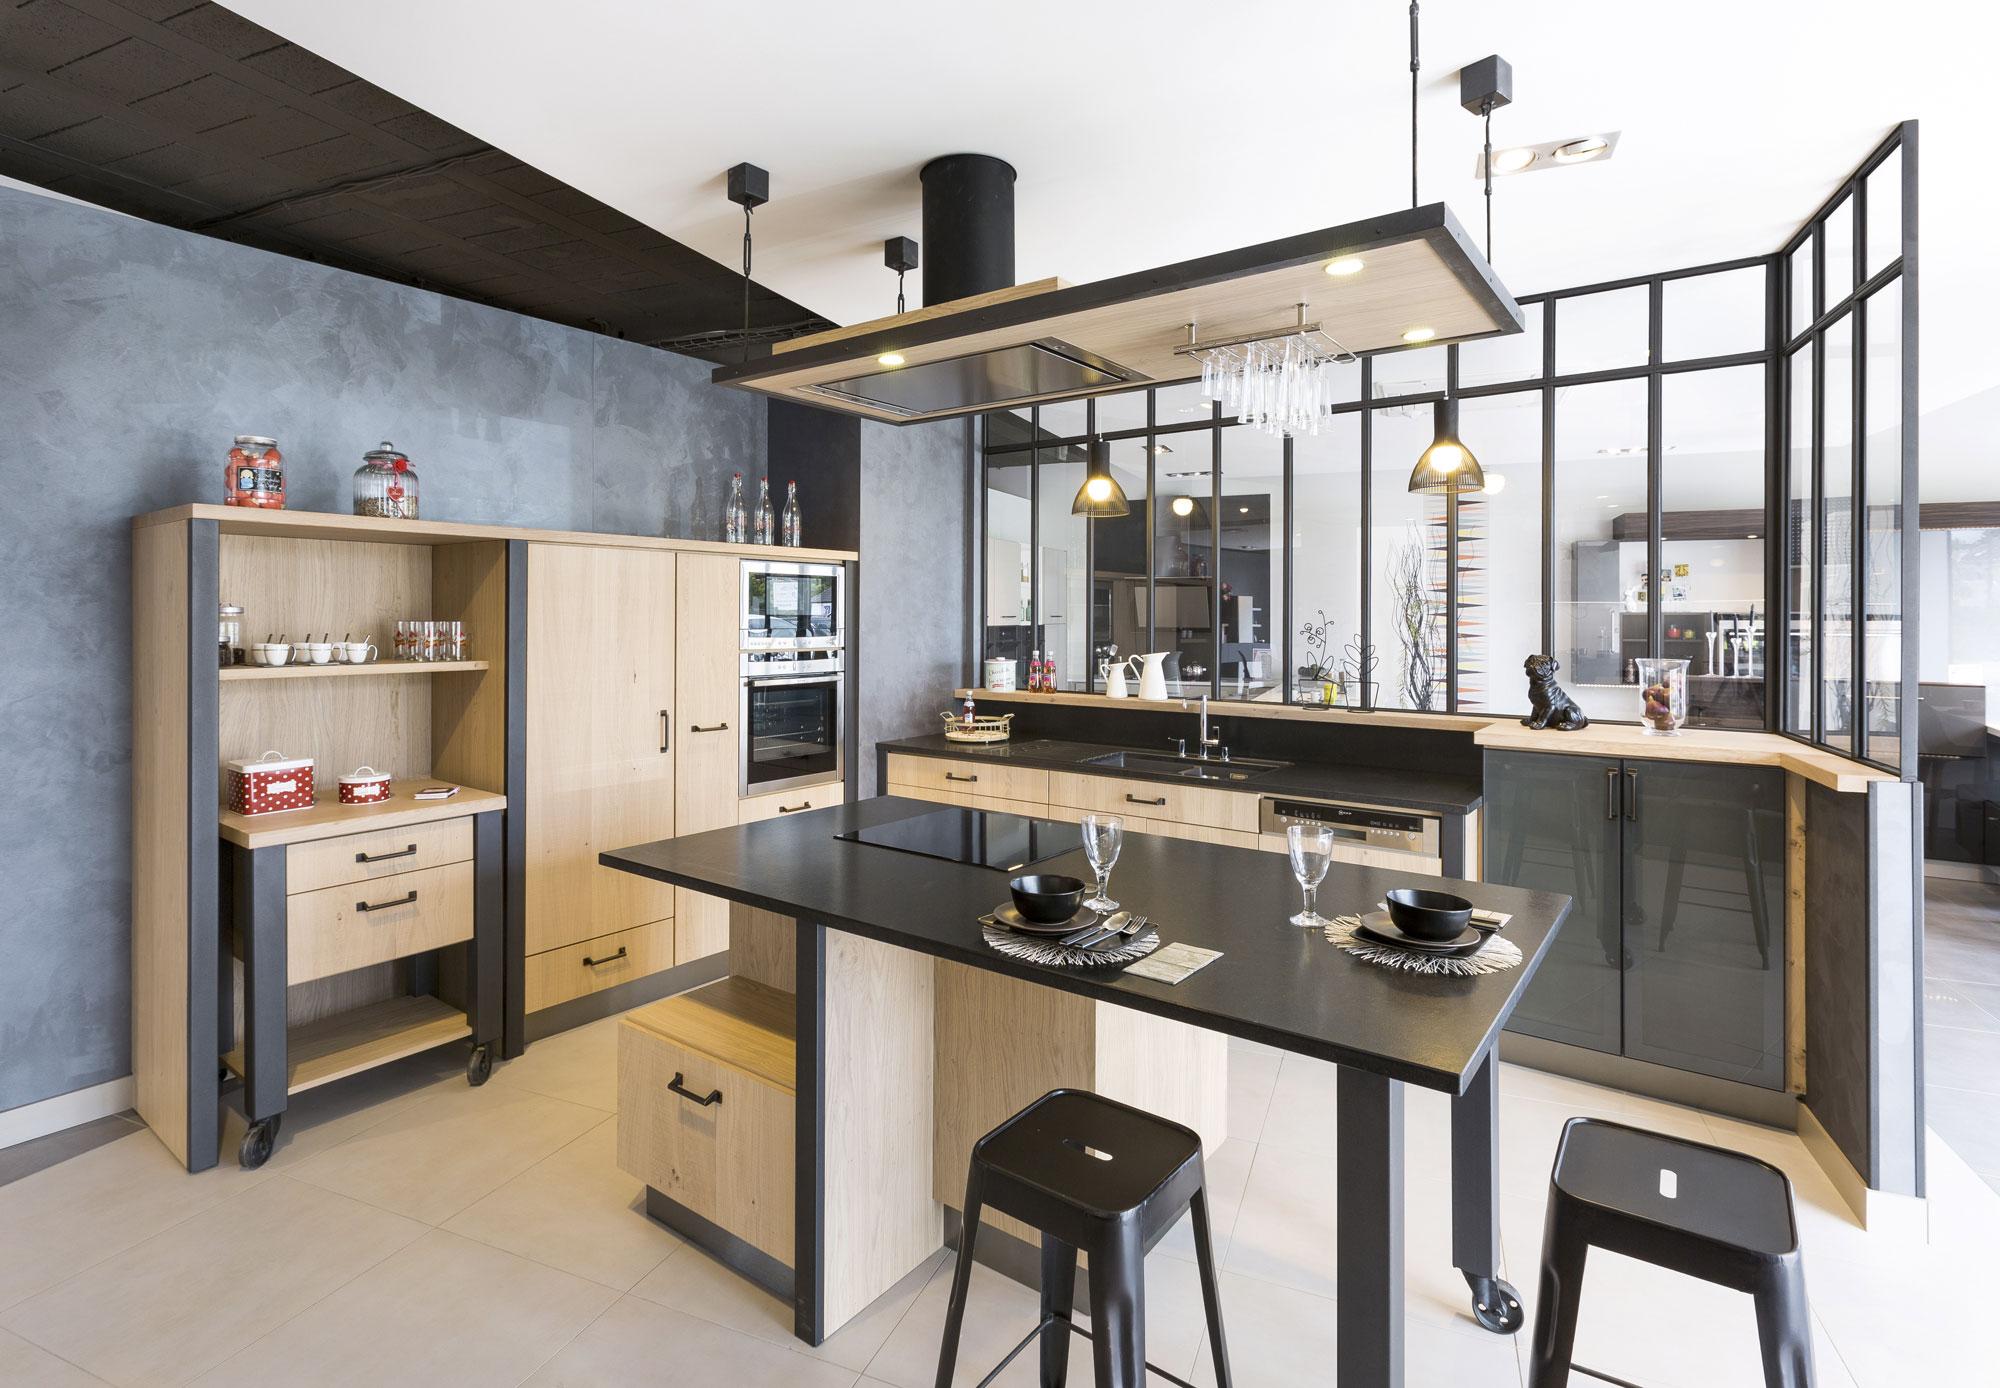 créations gravouille - artisan cuisiniste en pays de loire (44)